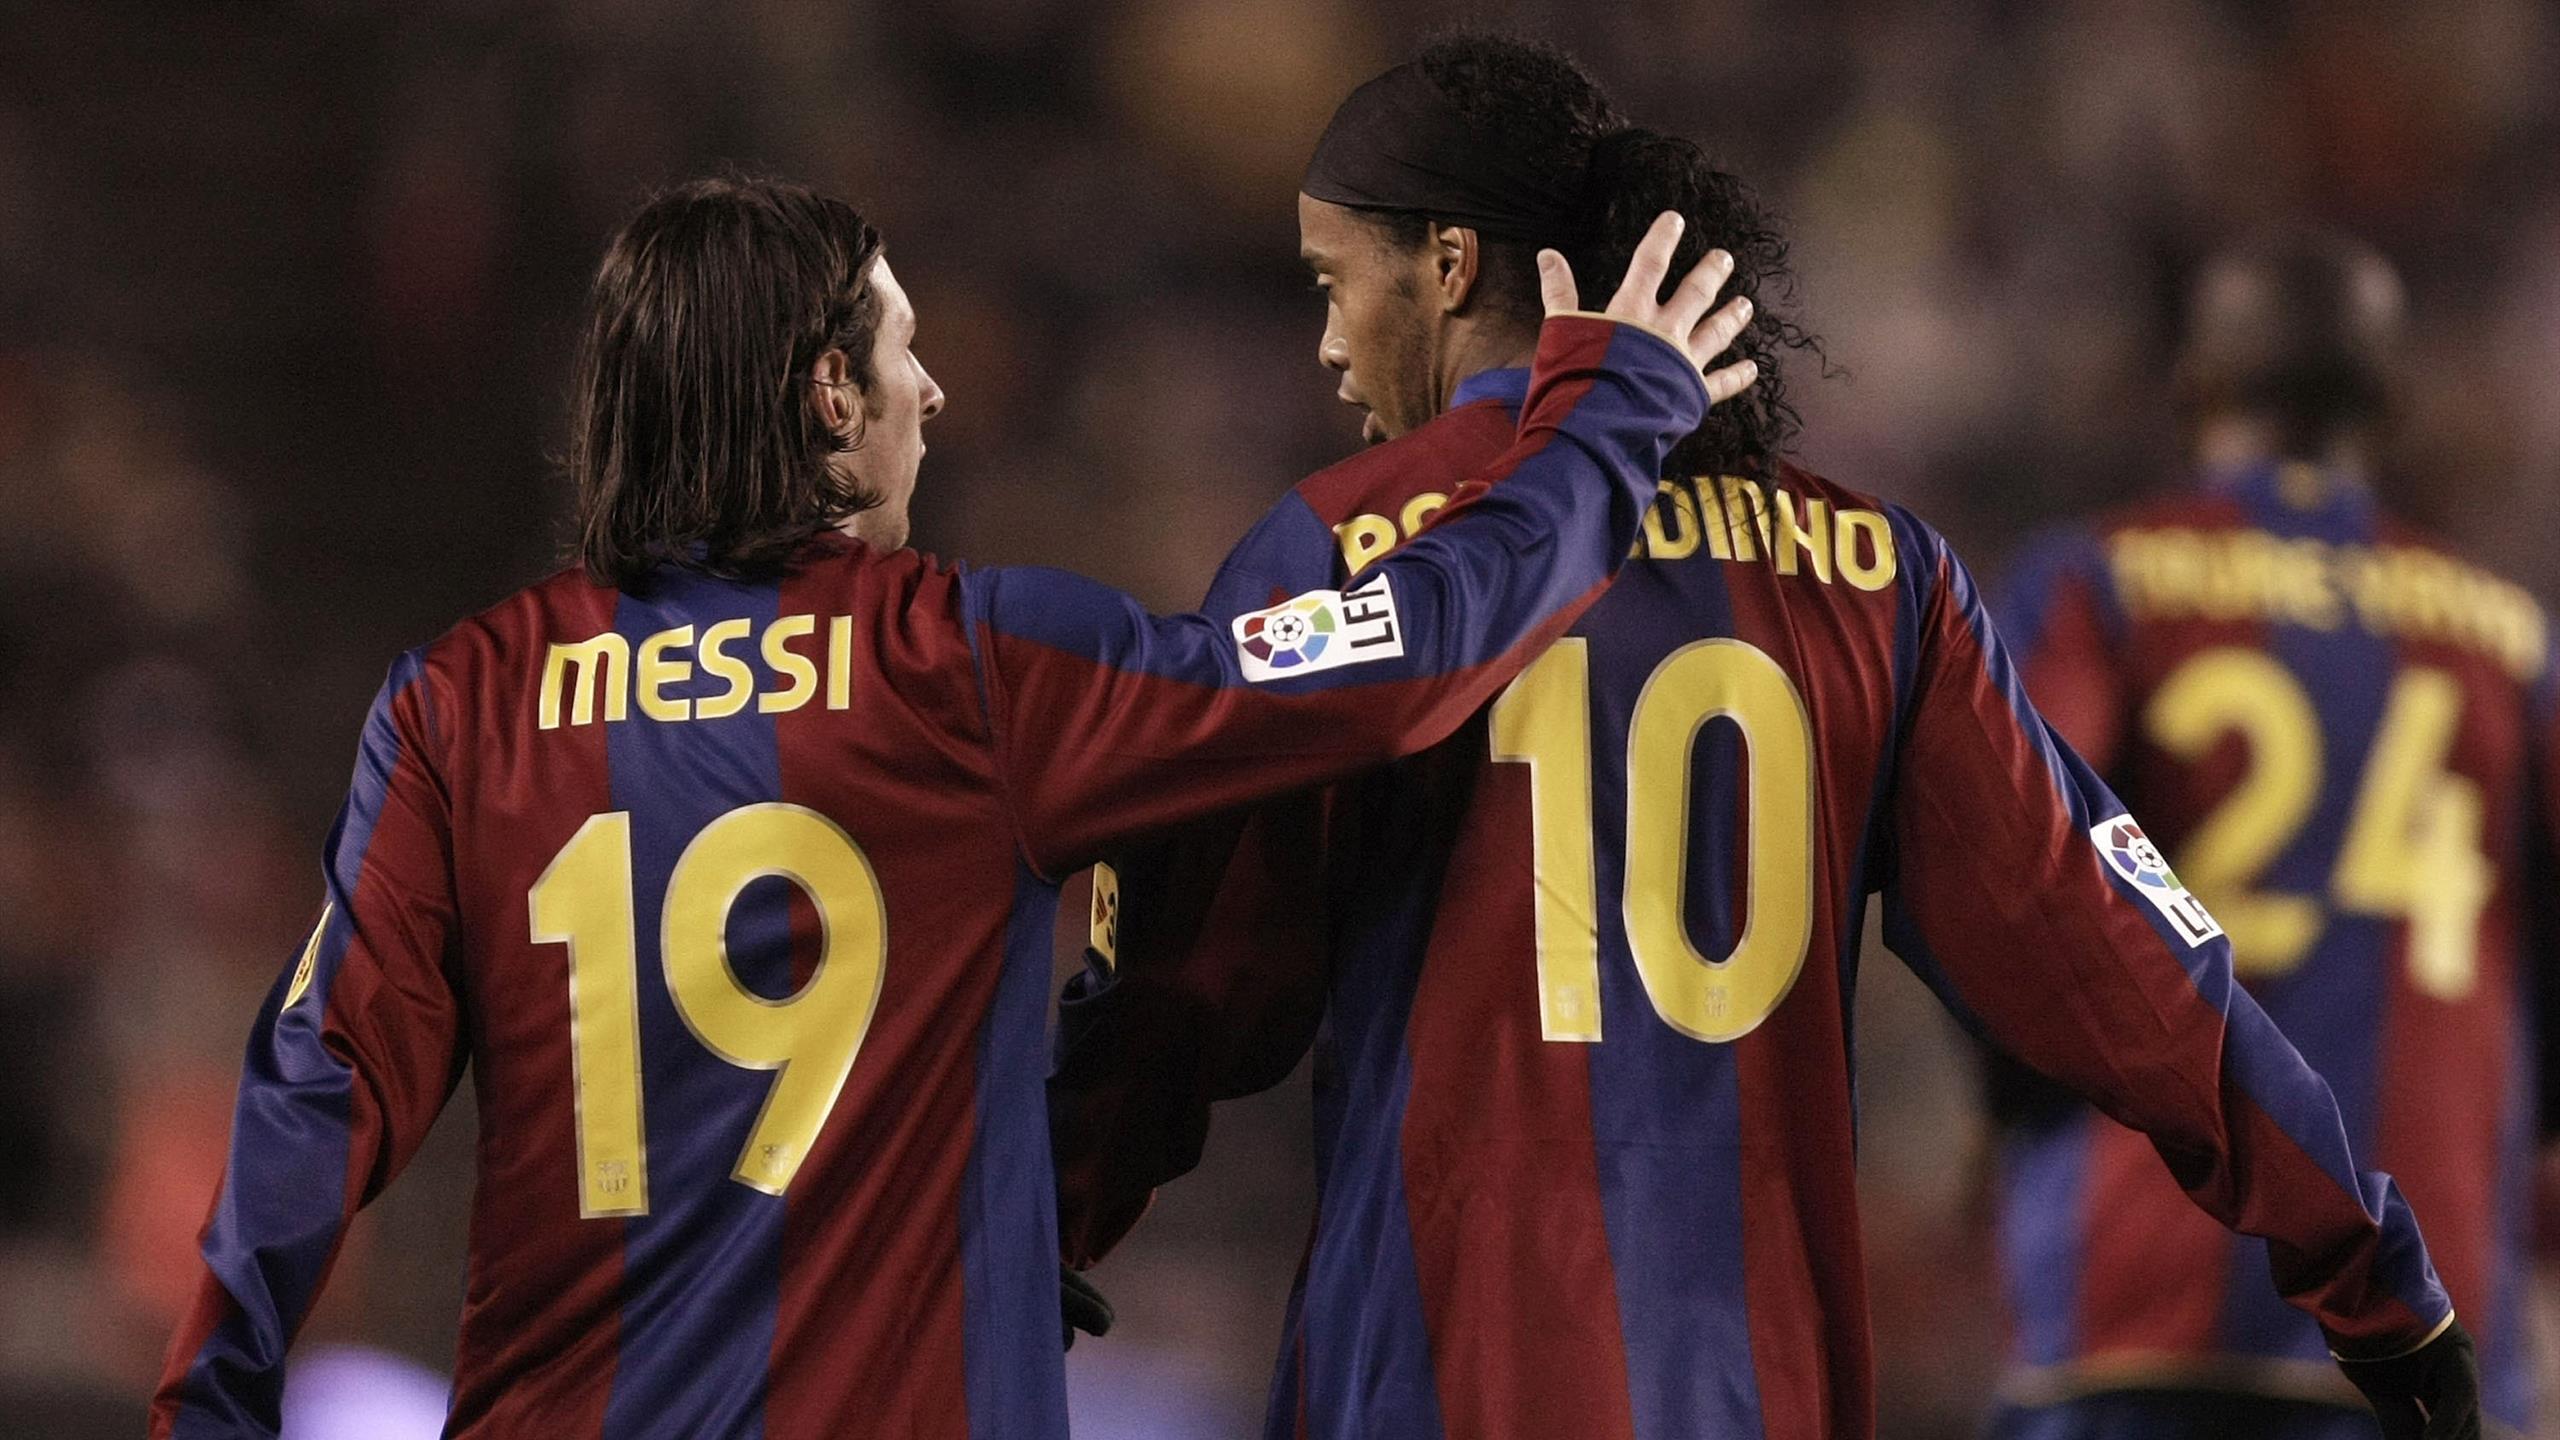 Роналдиньо – любимый футболист нашего детства. Что убило его карьеру?